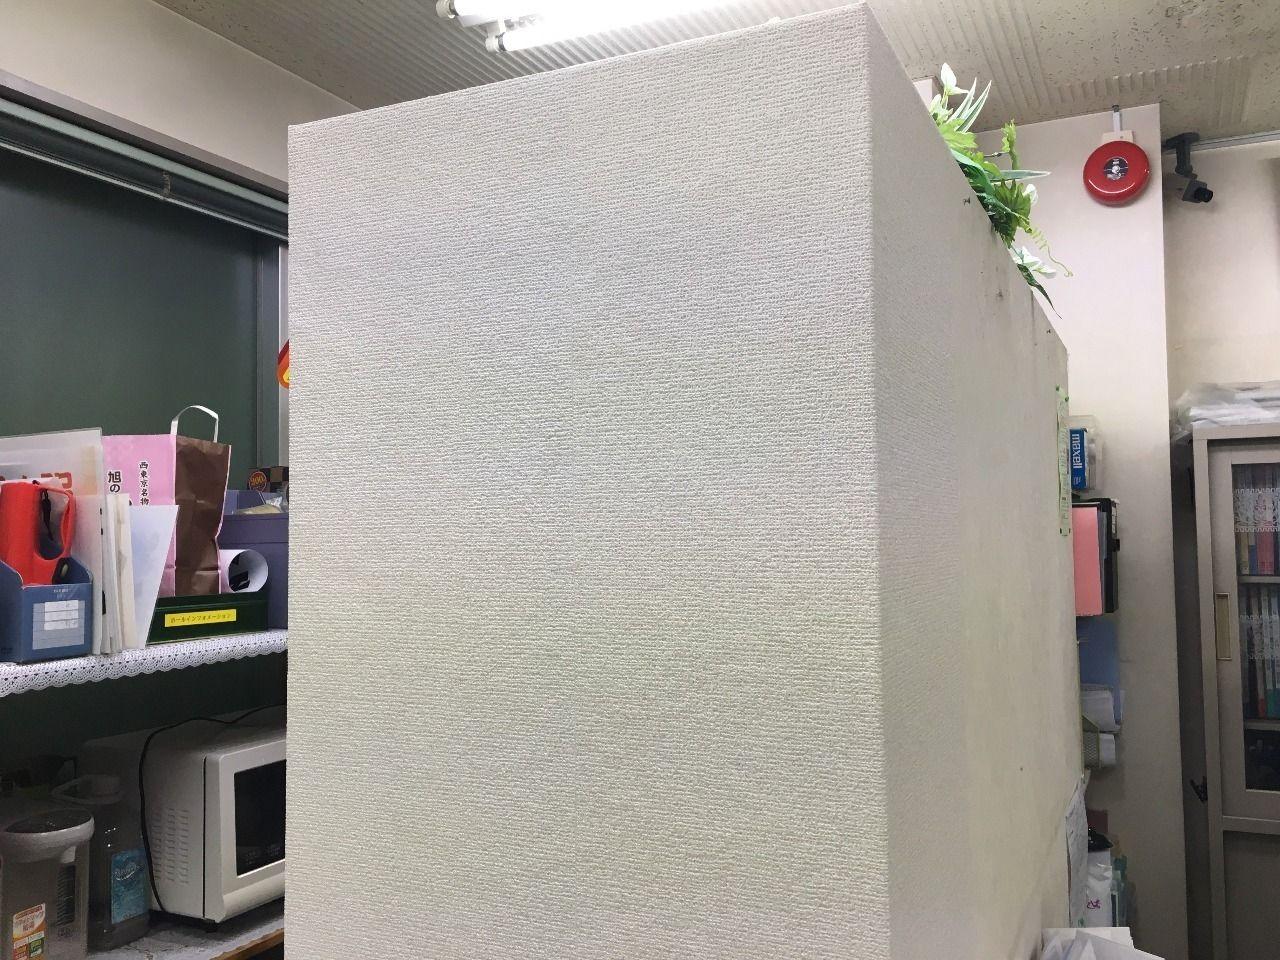 ア・ス・ヴェルデ管理事務所内の壁紙をきれいに張れました!!